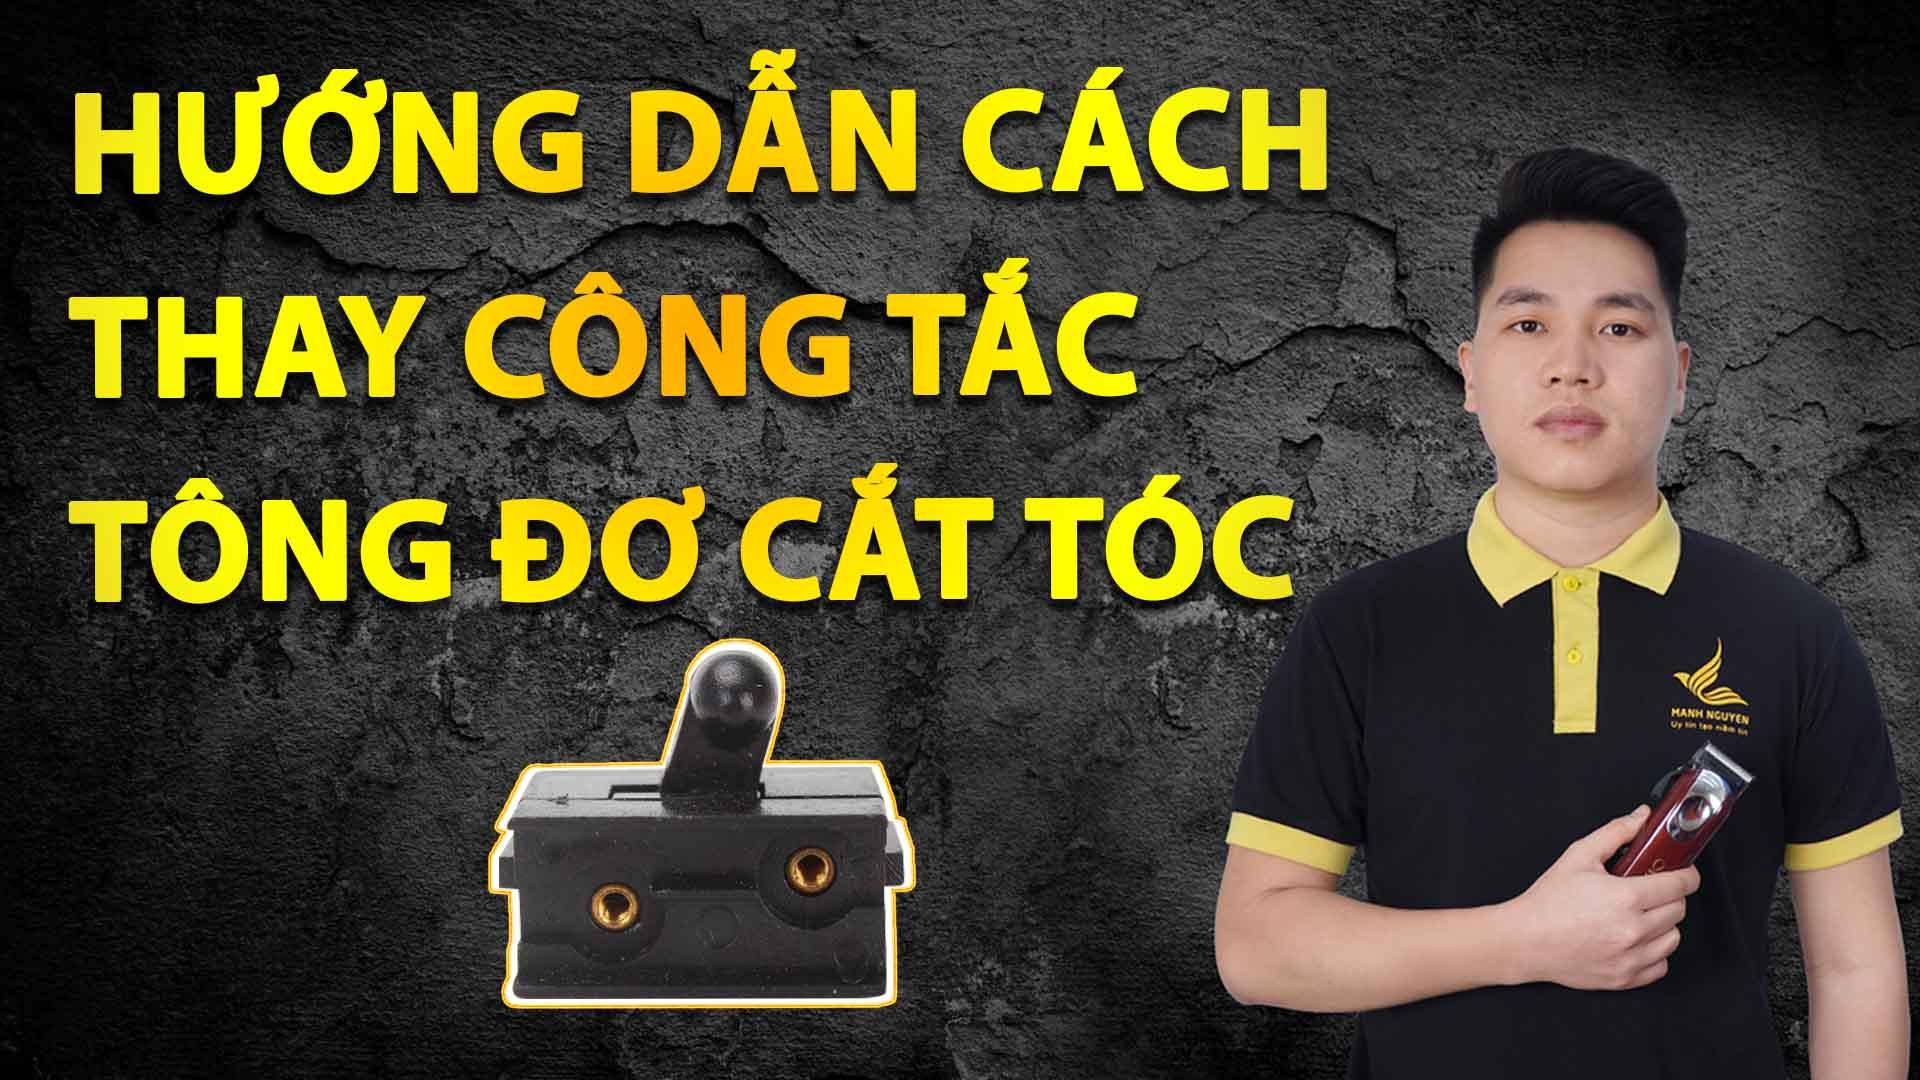 huong dan cach thay cong tac tong do cat toc